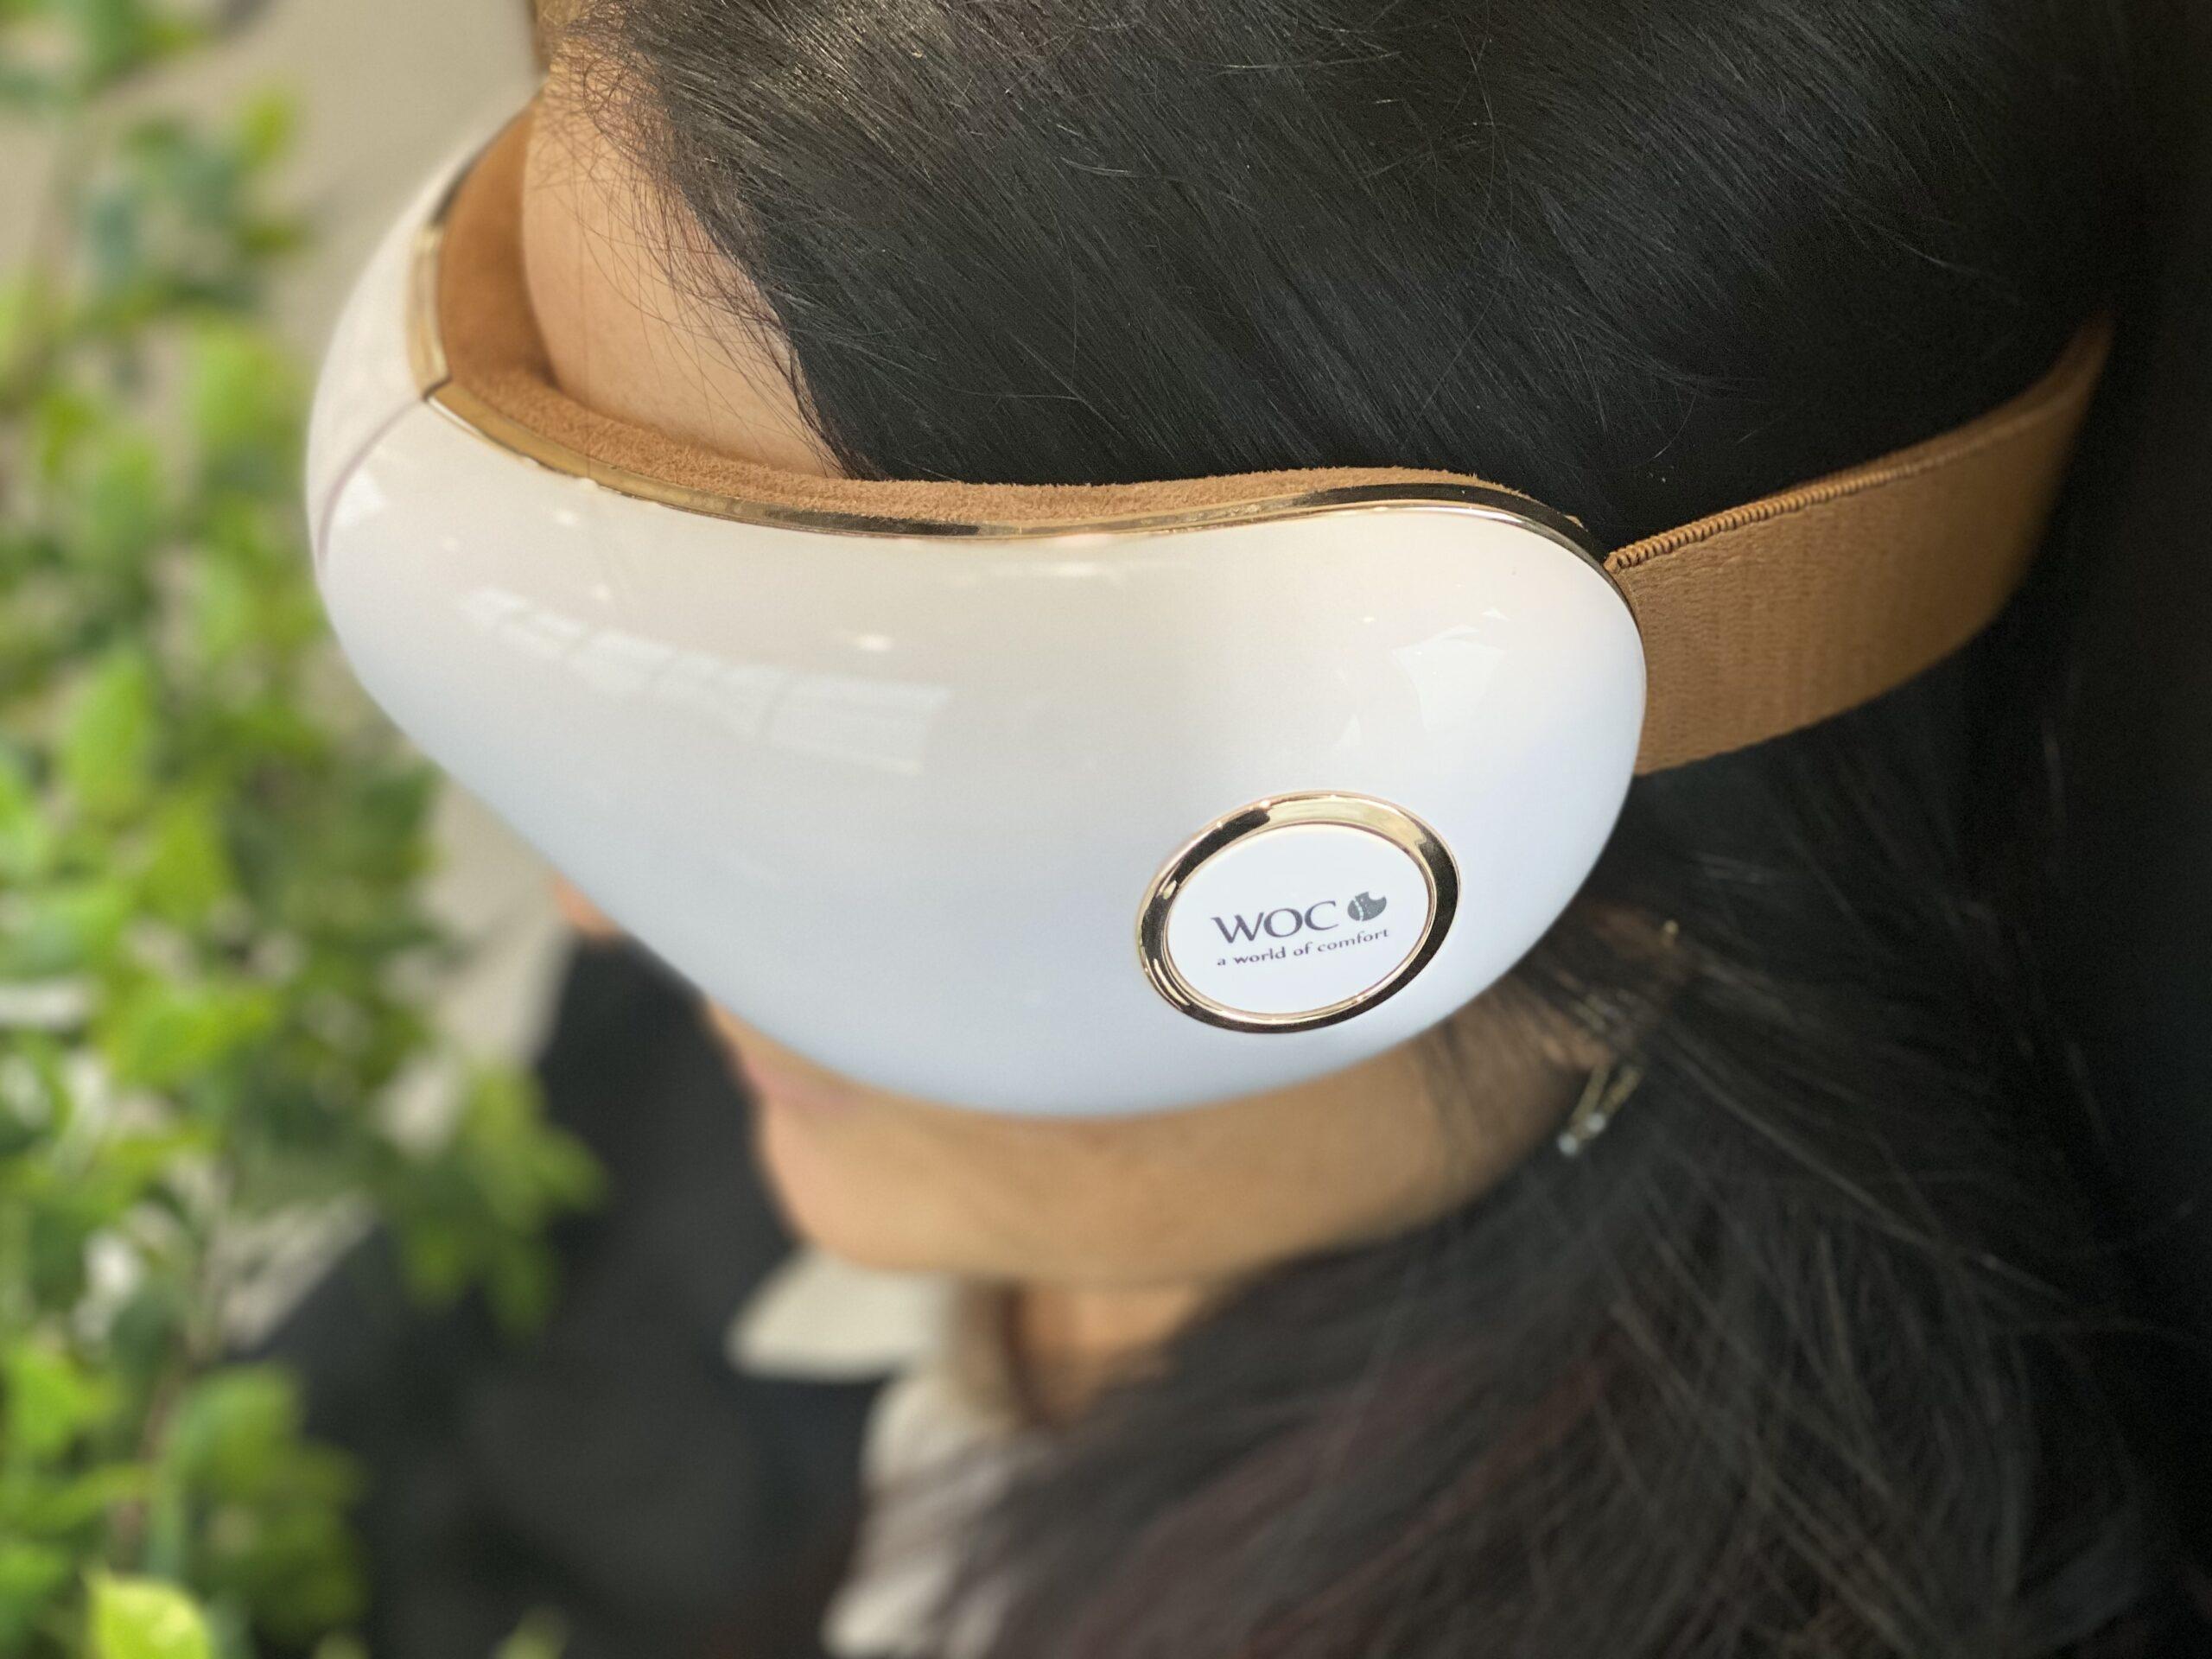 Aurora øjenmassage med lufttryk, varme og musik